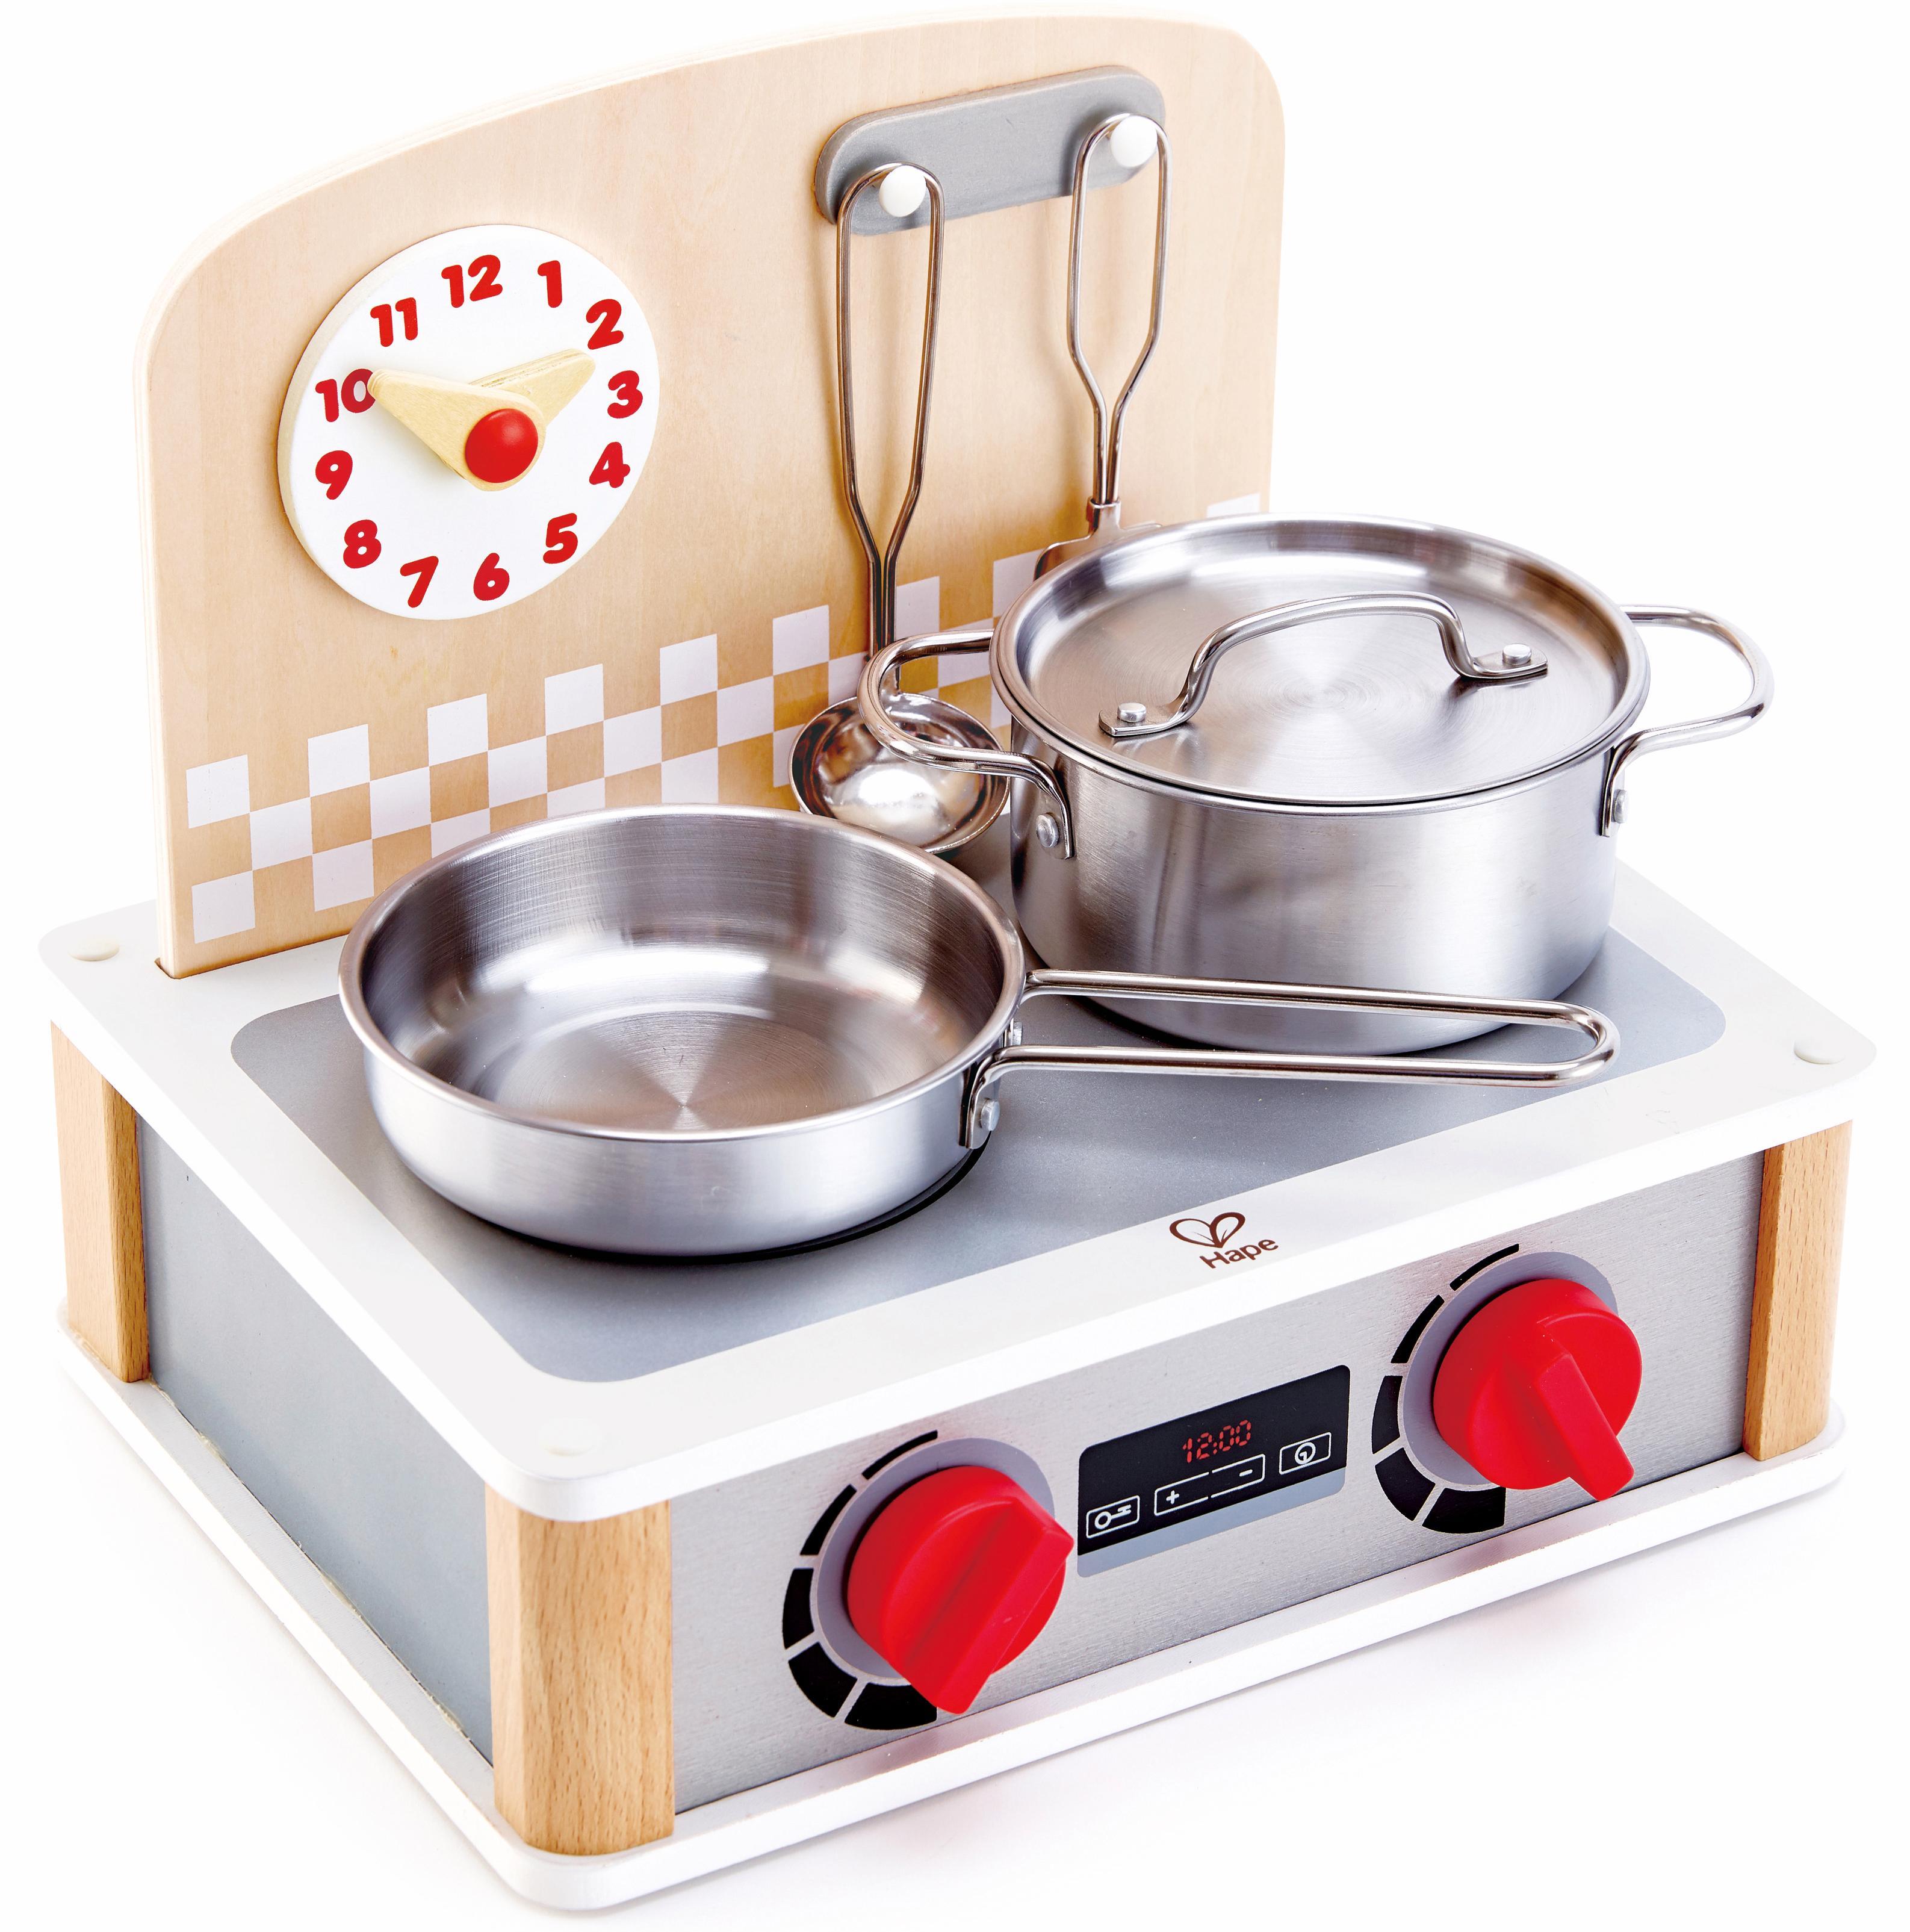 Hape Kinder-Küchenset 2-in-1 Küchen- & Grill-Set, 6-tlg. silberfarben Kinder Kinderküchen Zubehör Kaufladen Spielzeug-Haushaltsgeräte